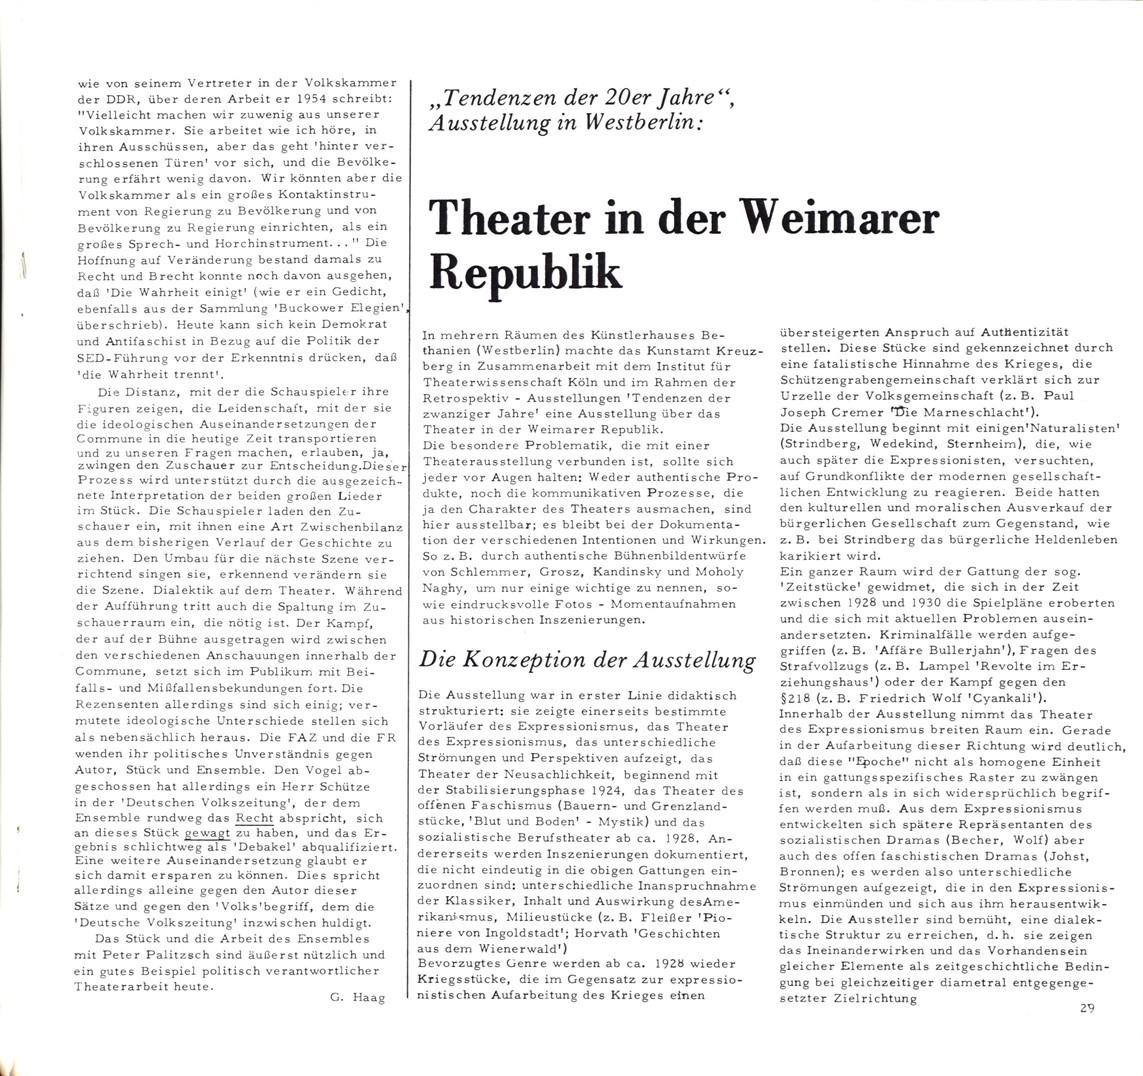 VSK_Kaempfende_Kunst_19771200_29